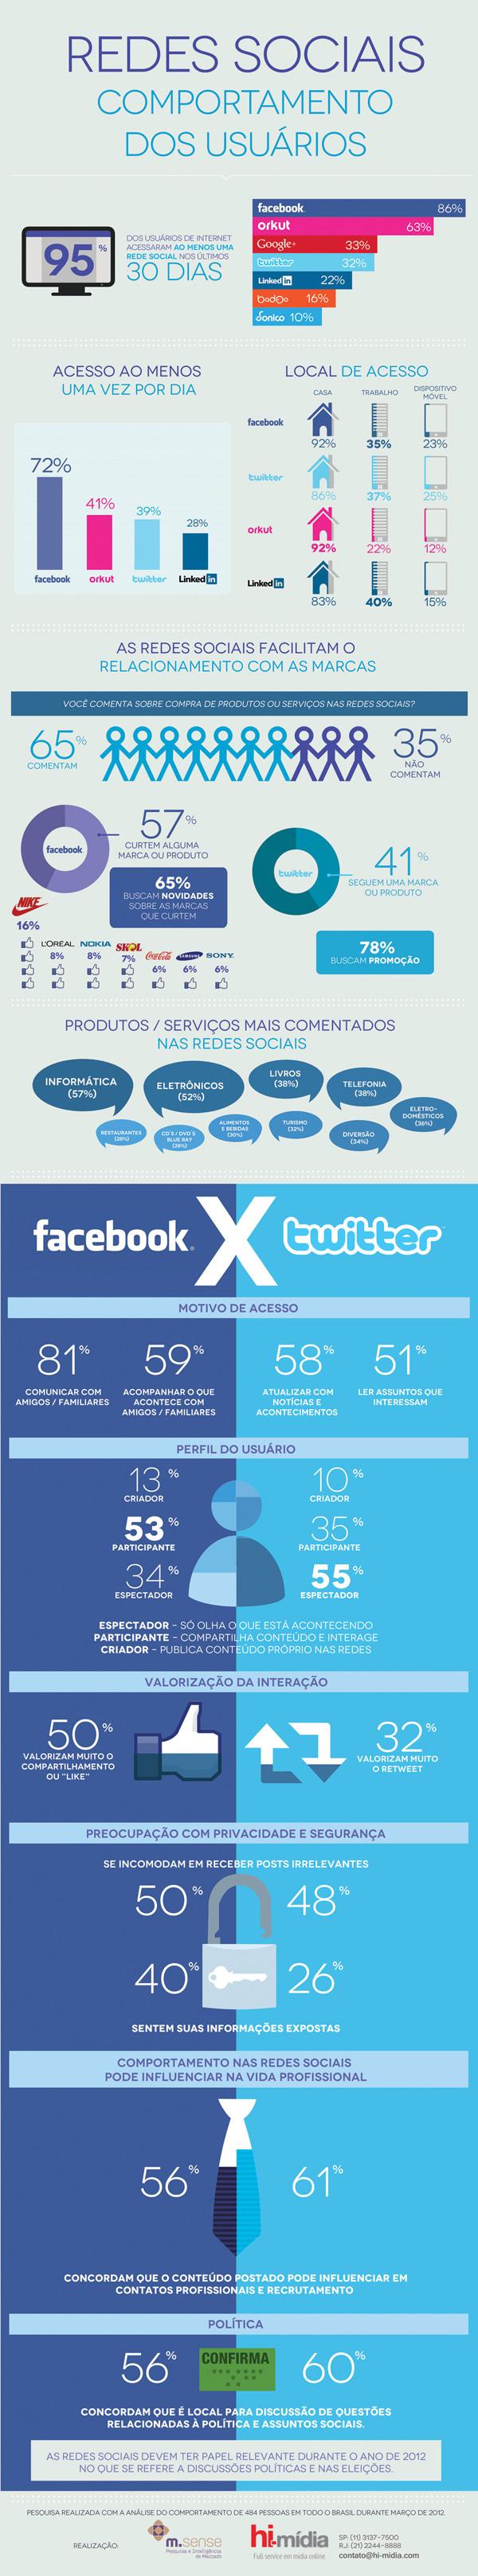 redes sociais infográfico